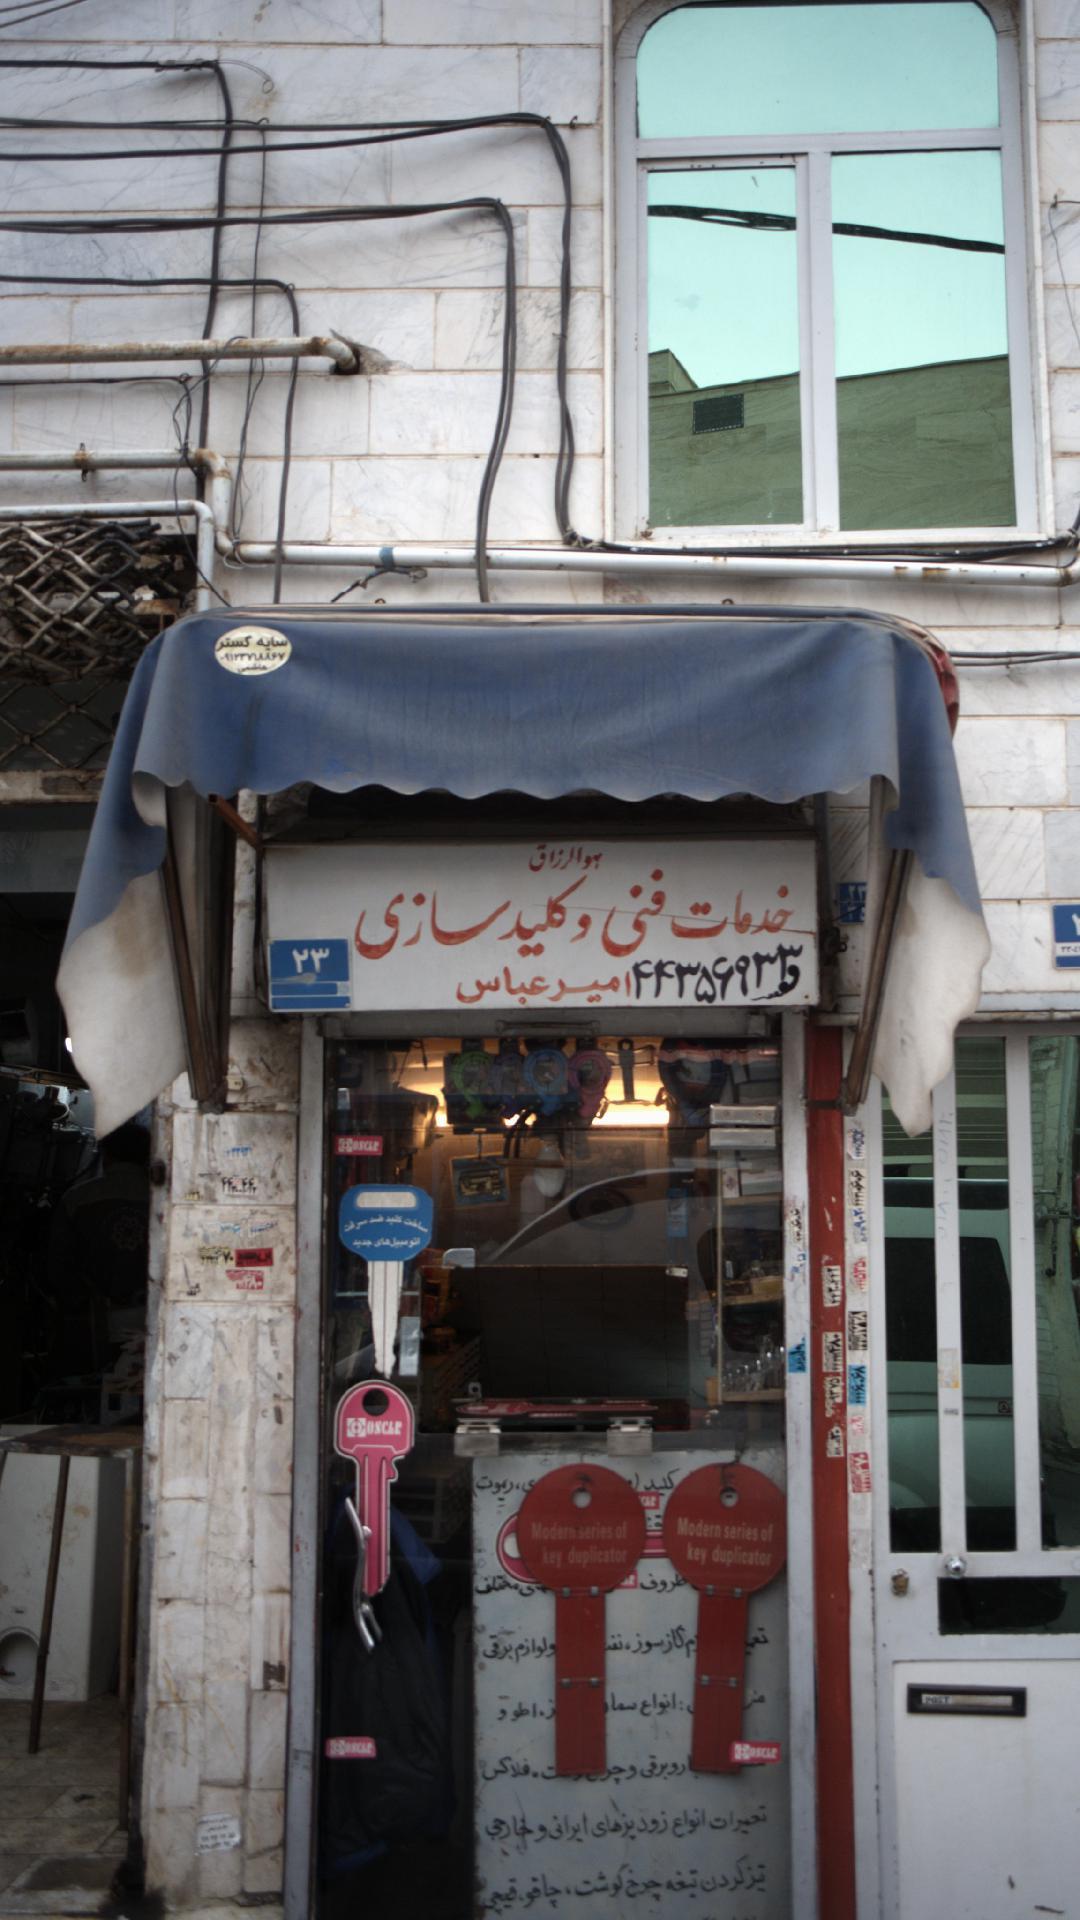 خدمات فنی و کلید سازی امیر عباس